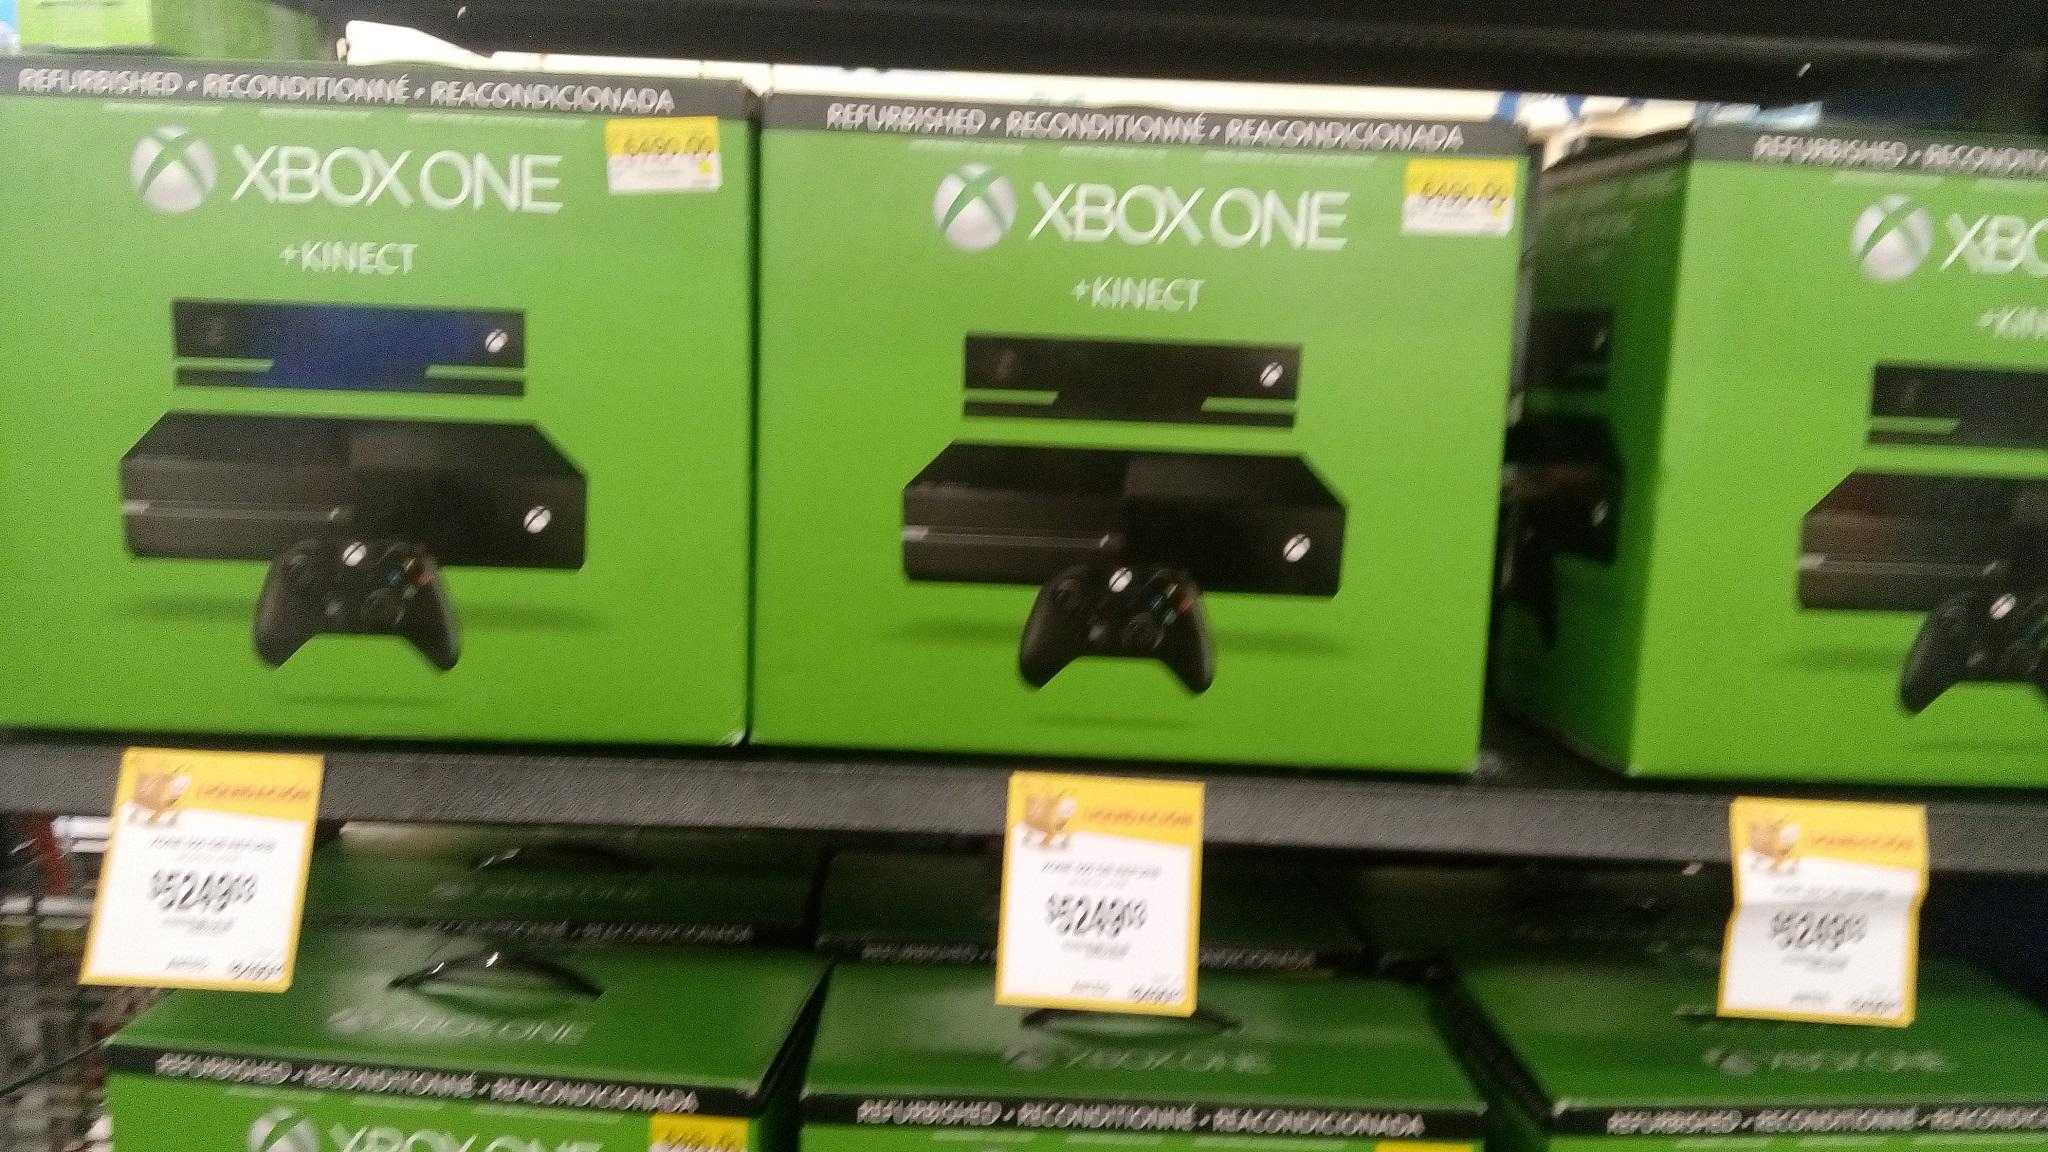 Walmart: Xbox One Ref con Kinect de $6,490 a $5,249.03, Walmart en línea: $5,799